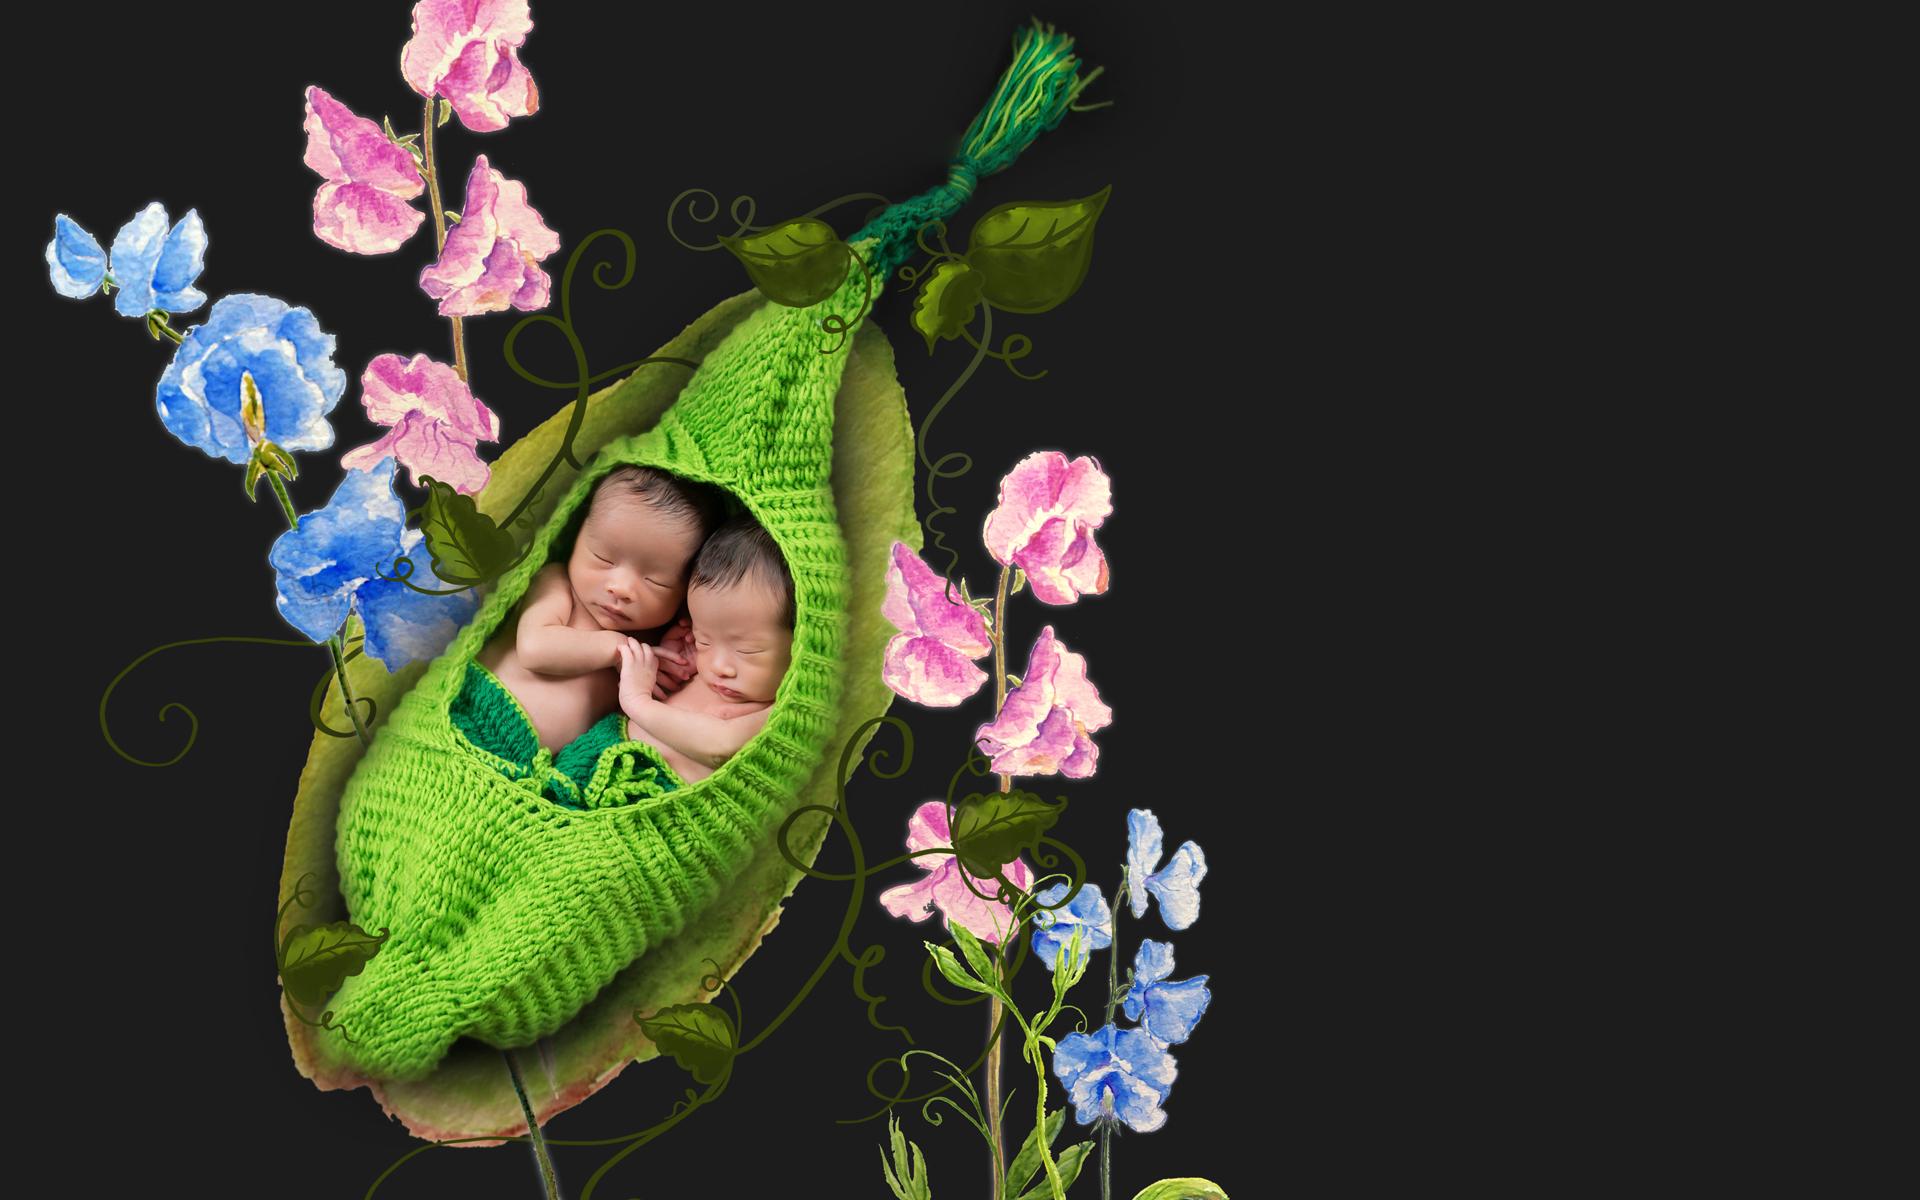 dreamrealityphotography_newborn-portraits_babies